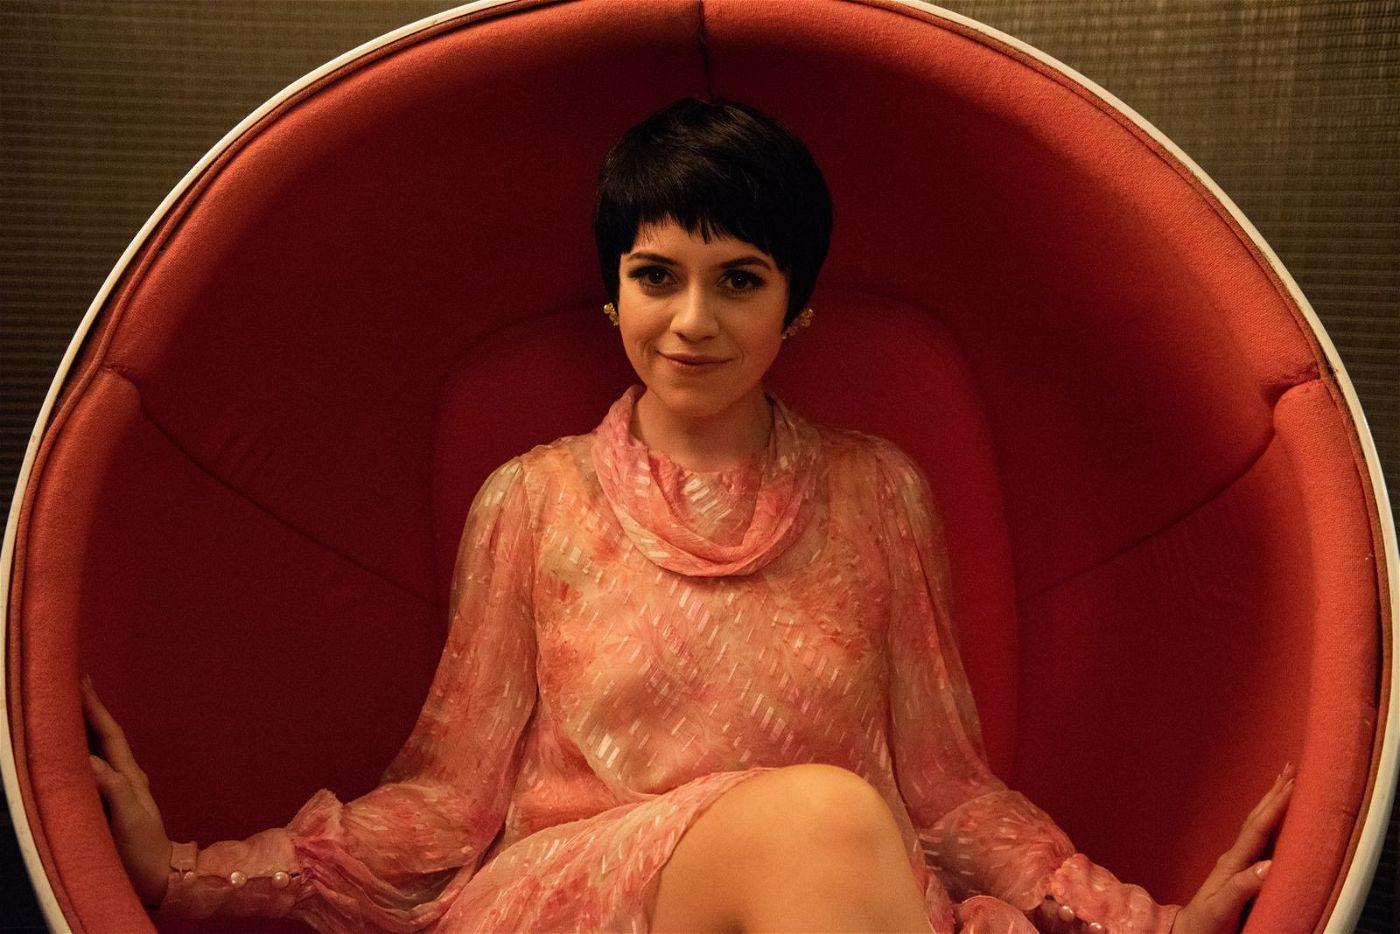 Garlands älteste Tochter Liza Minnelli (Gemma-Leah Devereux) kommt nur der Vollständigkeit halber im Film vor.